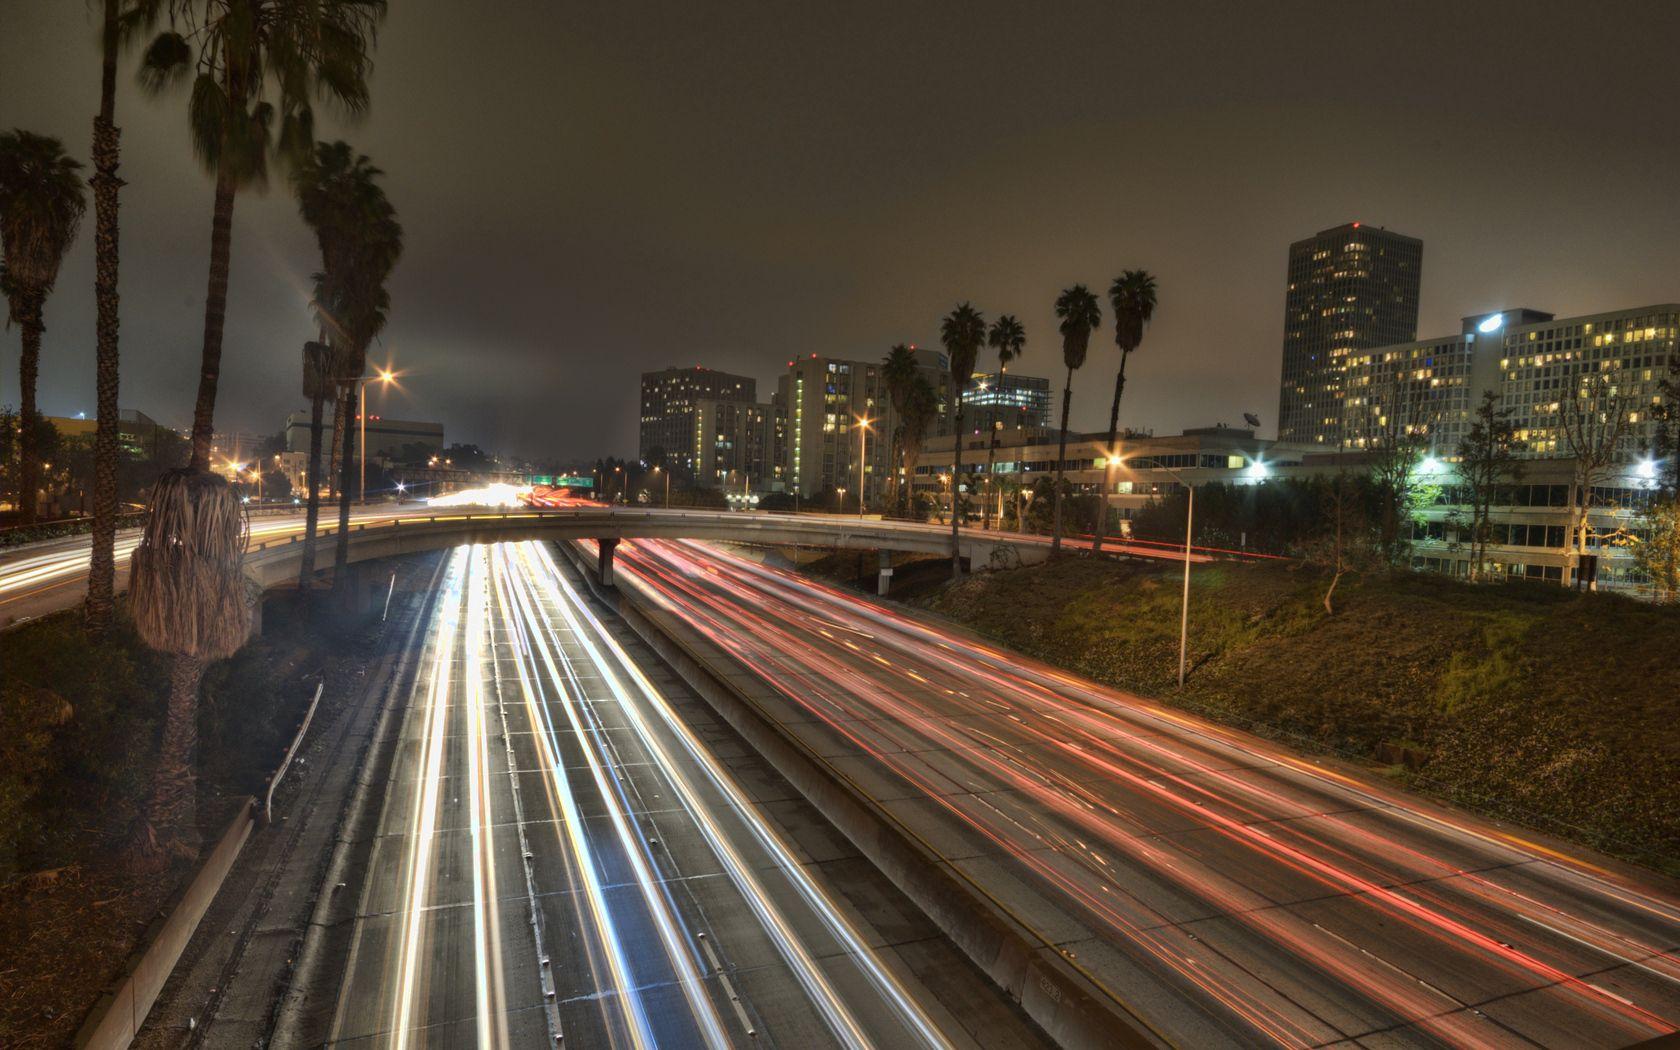 84123壁紙のダウンロードロサンゼルス, 市, 都市, アメリカ, カリフォルニア, カリフォルニア州, 米国, 道路, 道-スクリーンセーバーと写真を無料で